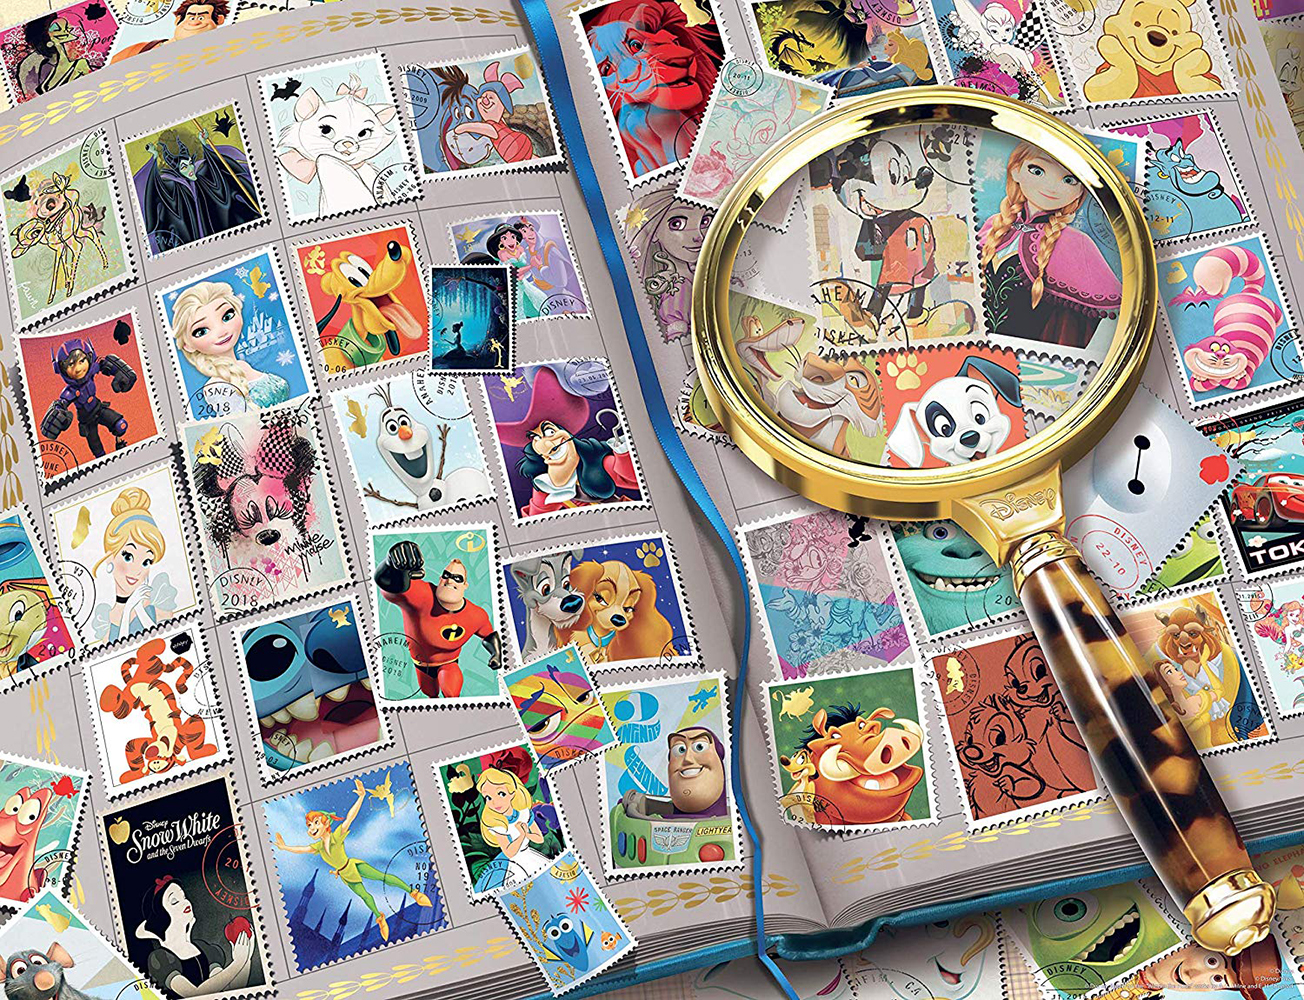 Casse-tête 2000 pcs - Timbres préférés Disney